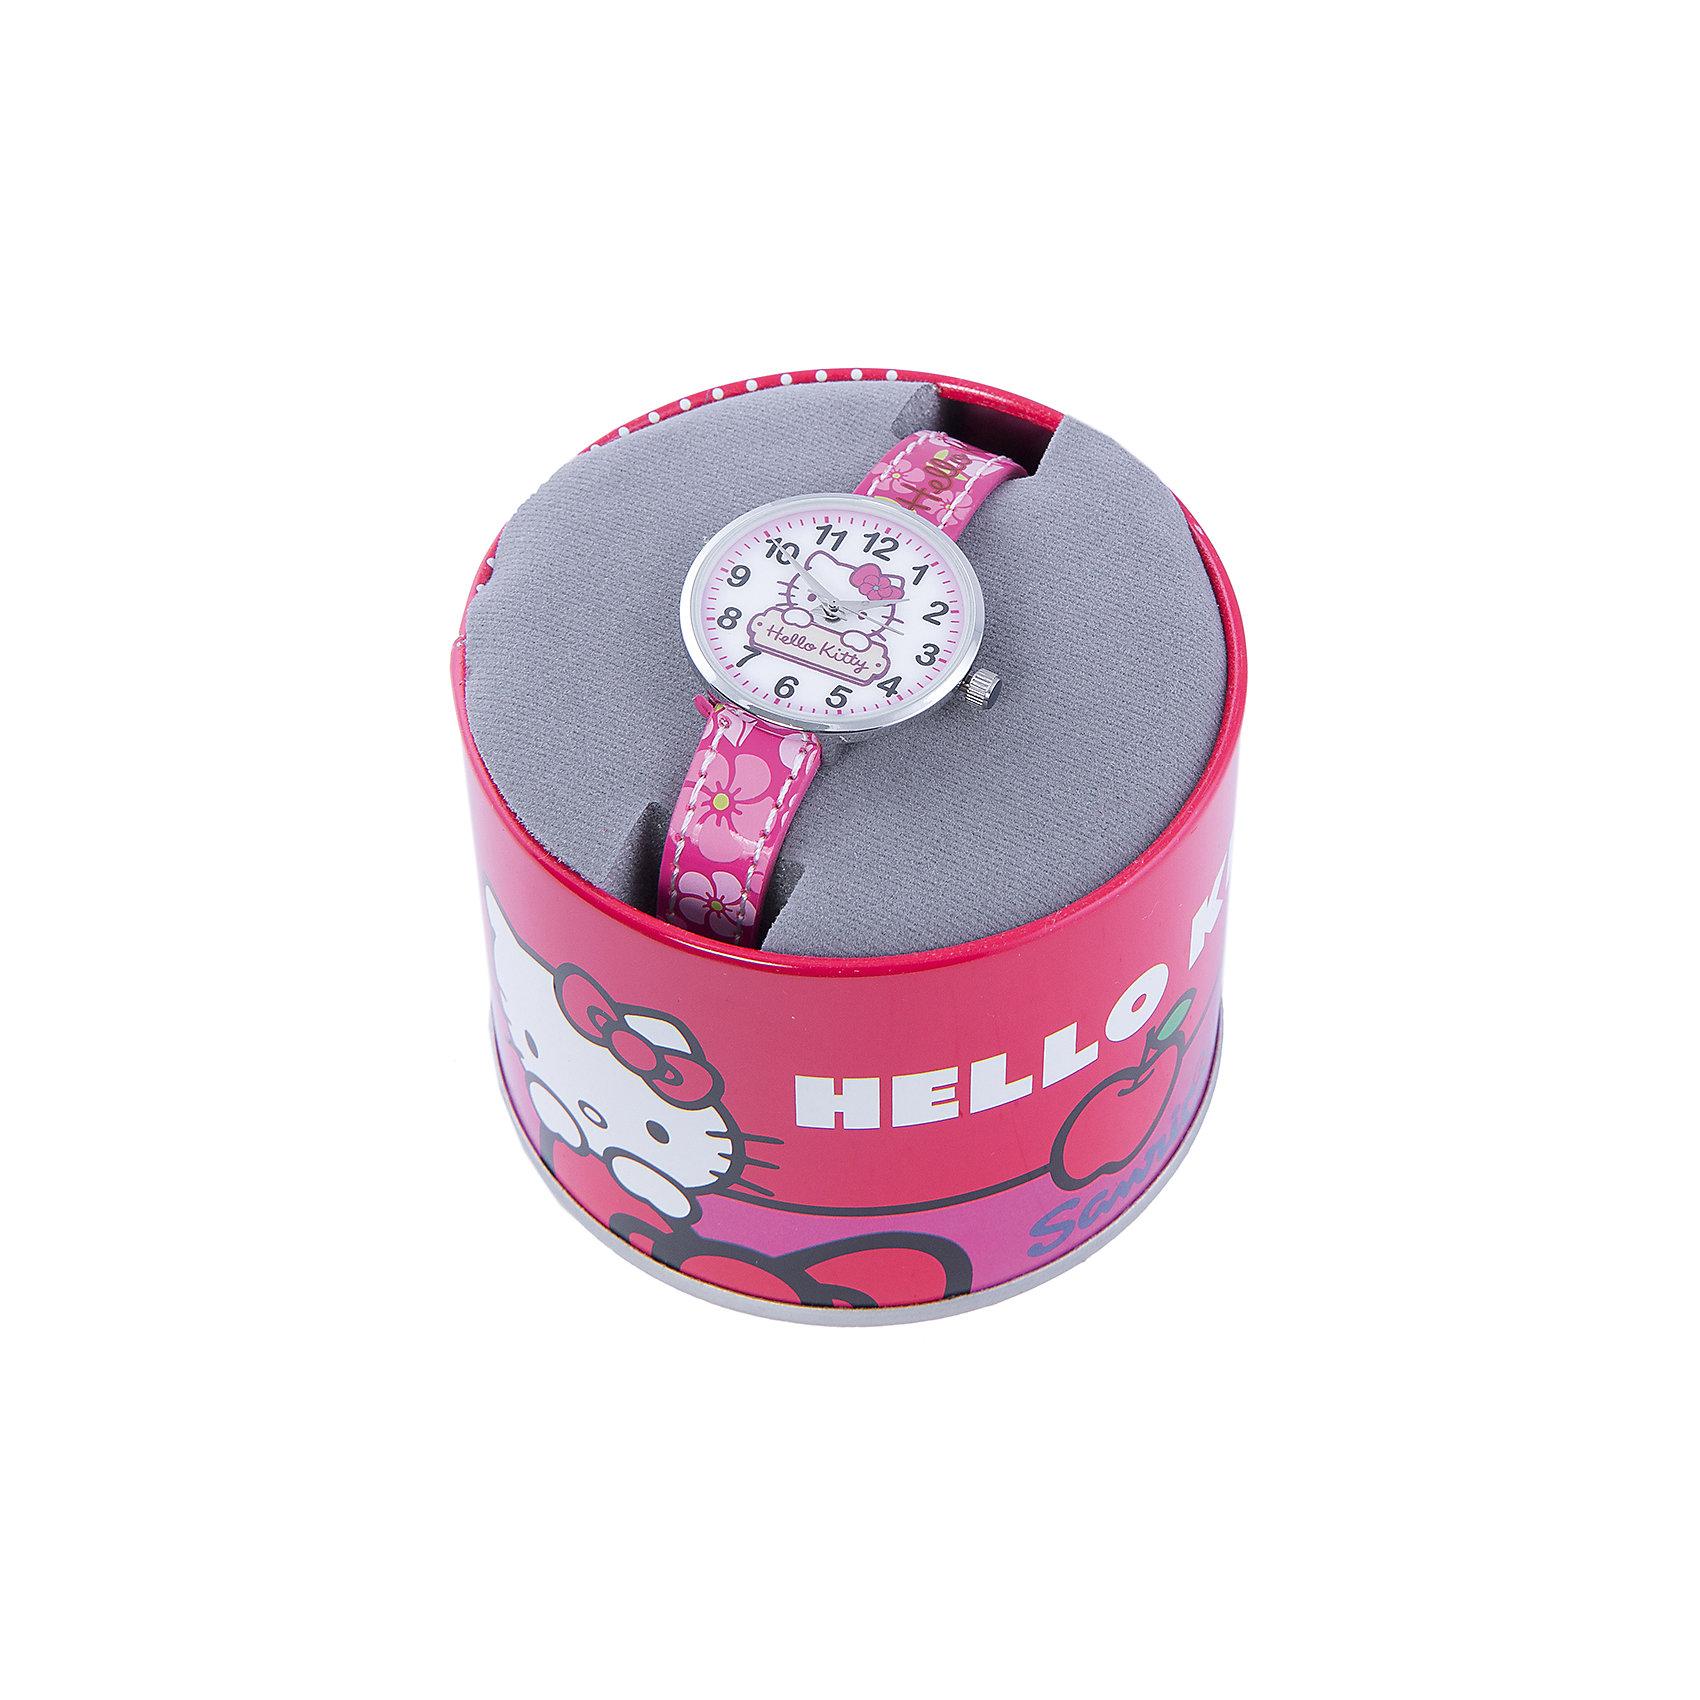 Часы наручные аналоговые, Hello KittyHello Kitty<br>Эксклюзивные наручные аналоговые часы торговой марки Hello Kitty выполнены по индивидуальному дизайну ООО «Детское Время» и лицензии компании Sanrio. Обилие деталей - декоративных элементов (страз, мерцающих ремешков), надписей,  уникальных изображений - делают изделие тщательно продуманным творением мастеров. Часы имеют высококачественный японский кварцевый механизм и отличаются надежностью и точностью хода. Часы водоустойчивы и обладают достаточной герметичностью, чтобы спокойно перенести случайный и незначительный контакт с жидкостями (дождь, брызги), но они не предназначены для плавания или погружения в воду. Циферблат защищен от повреждений прочным минеральным стеклом. Корпус часов выполнен из стали,  задняя крышка из нержавеющей стали. Материал браслета: искусственная кожа. Единица товара упаковывается в стильную подарочную коробочку. Неповторимый стиль с изобилием насыщенных и в тоже время нежных гамм; надежность и прочность изделия позволяют говорить о нем только в превосходной степени!<br><br>Ширина мм: 170<br>Глубина мм: 157<br>Высота мм: 67<br>Вес г: 117<br>Возраст от месяцев: 36<br>Возраст до месяцев: 2147483647<br>Пол: Женский<br>Возраст: Детский<br>SKU: 4424067